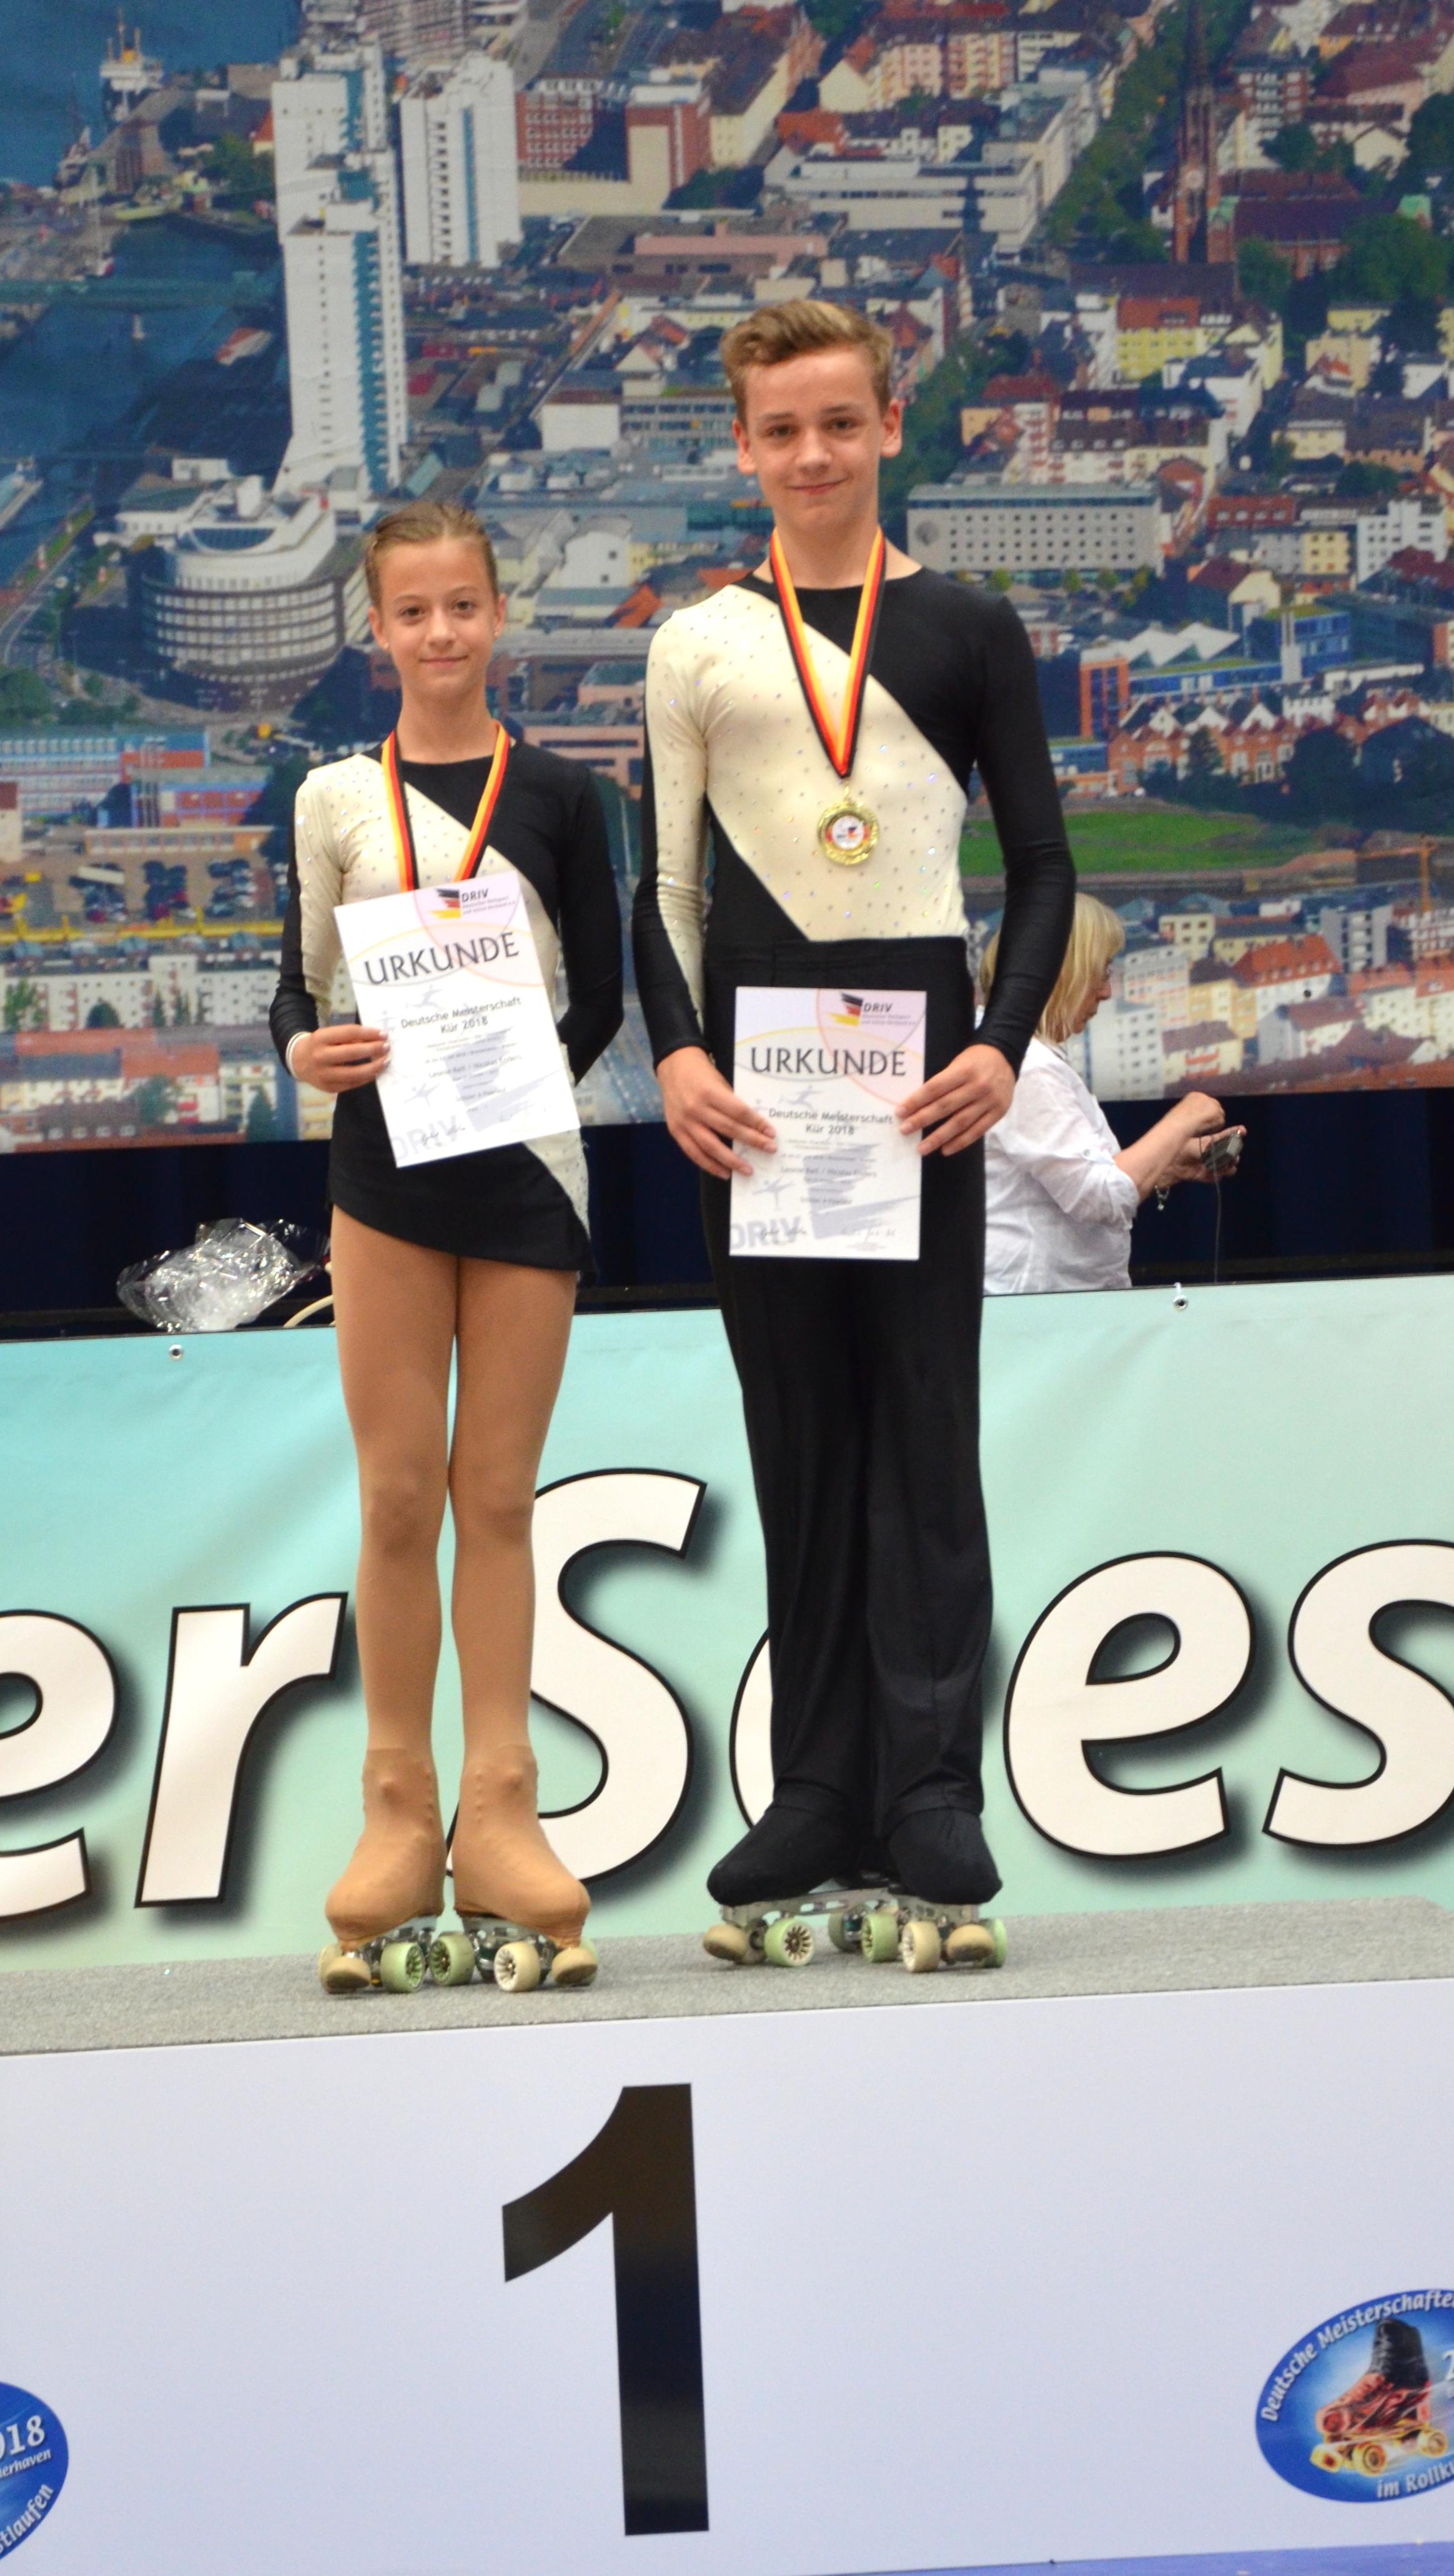 Sieger Schüler A Paarlauf